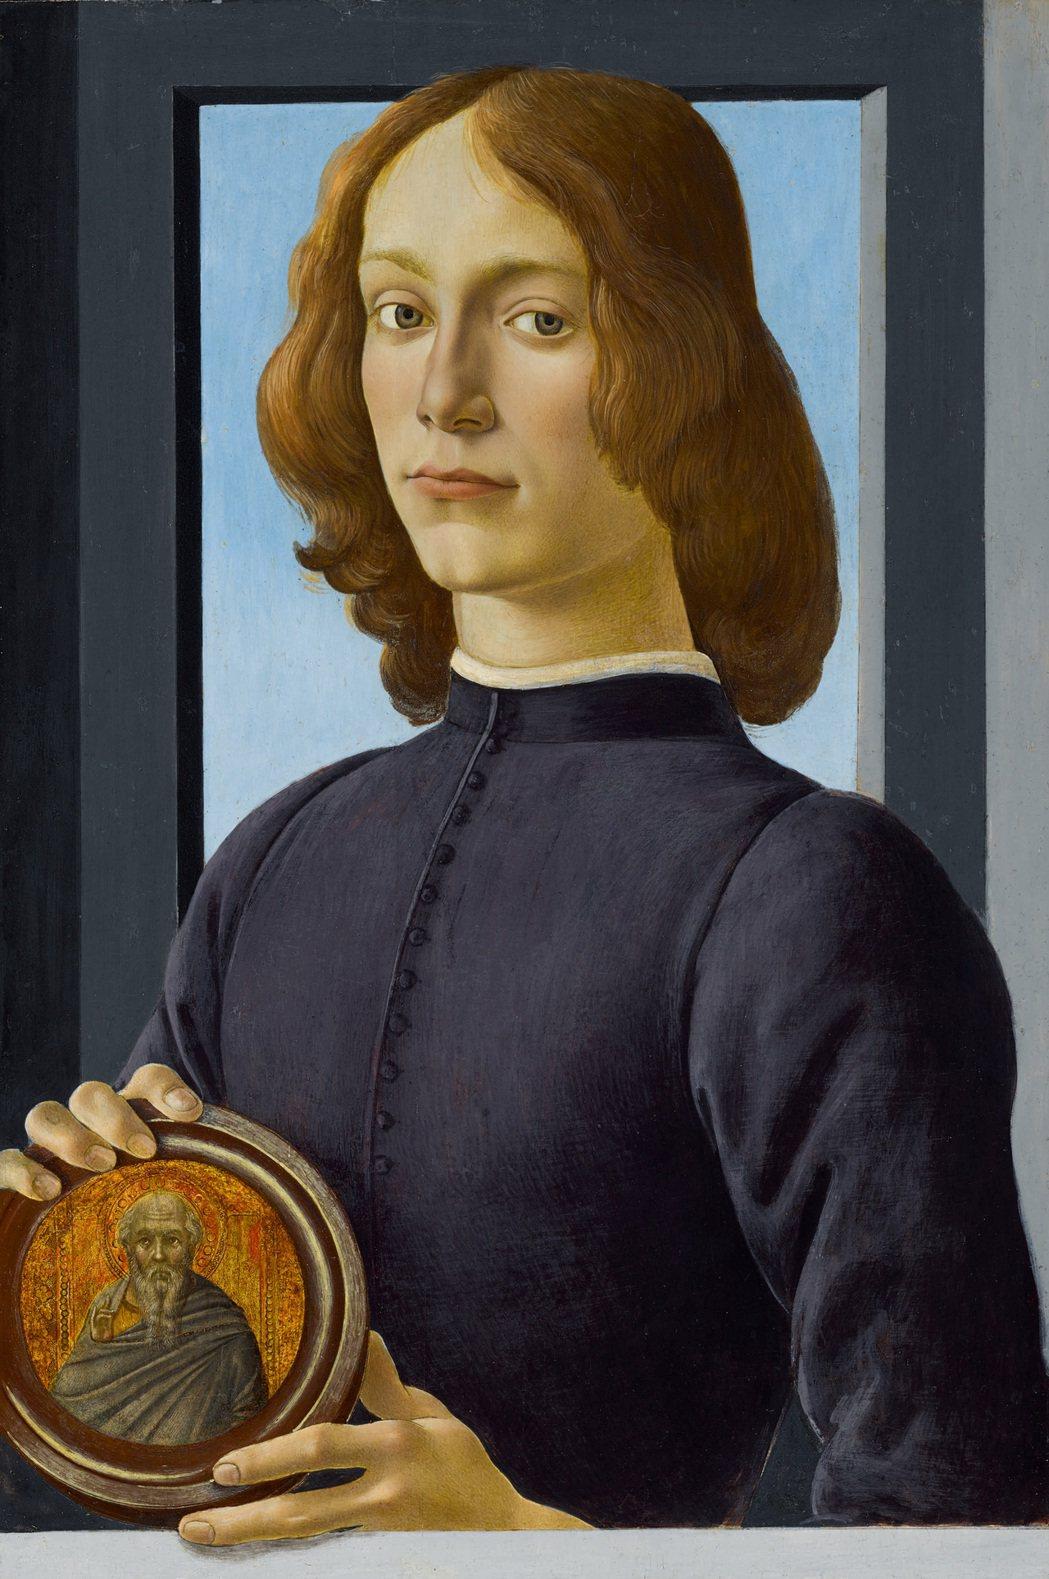 文藝復興大師波提且利畫作「手持圓形聖像的年輕男子」,估價逾24億台幣。圖/蘇富比...